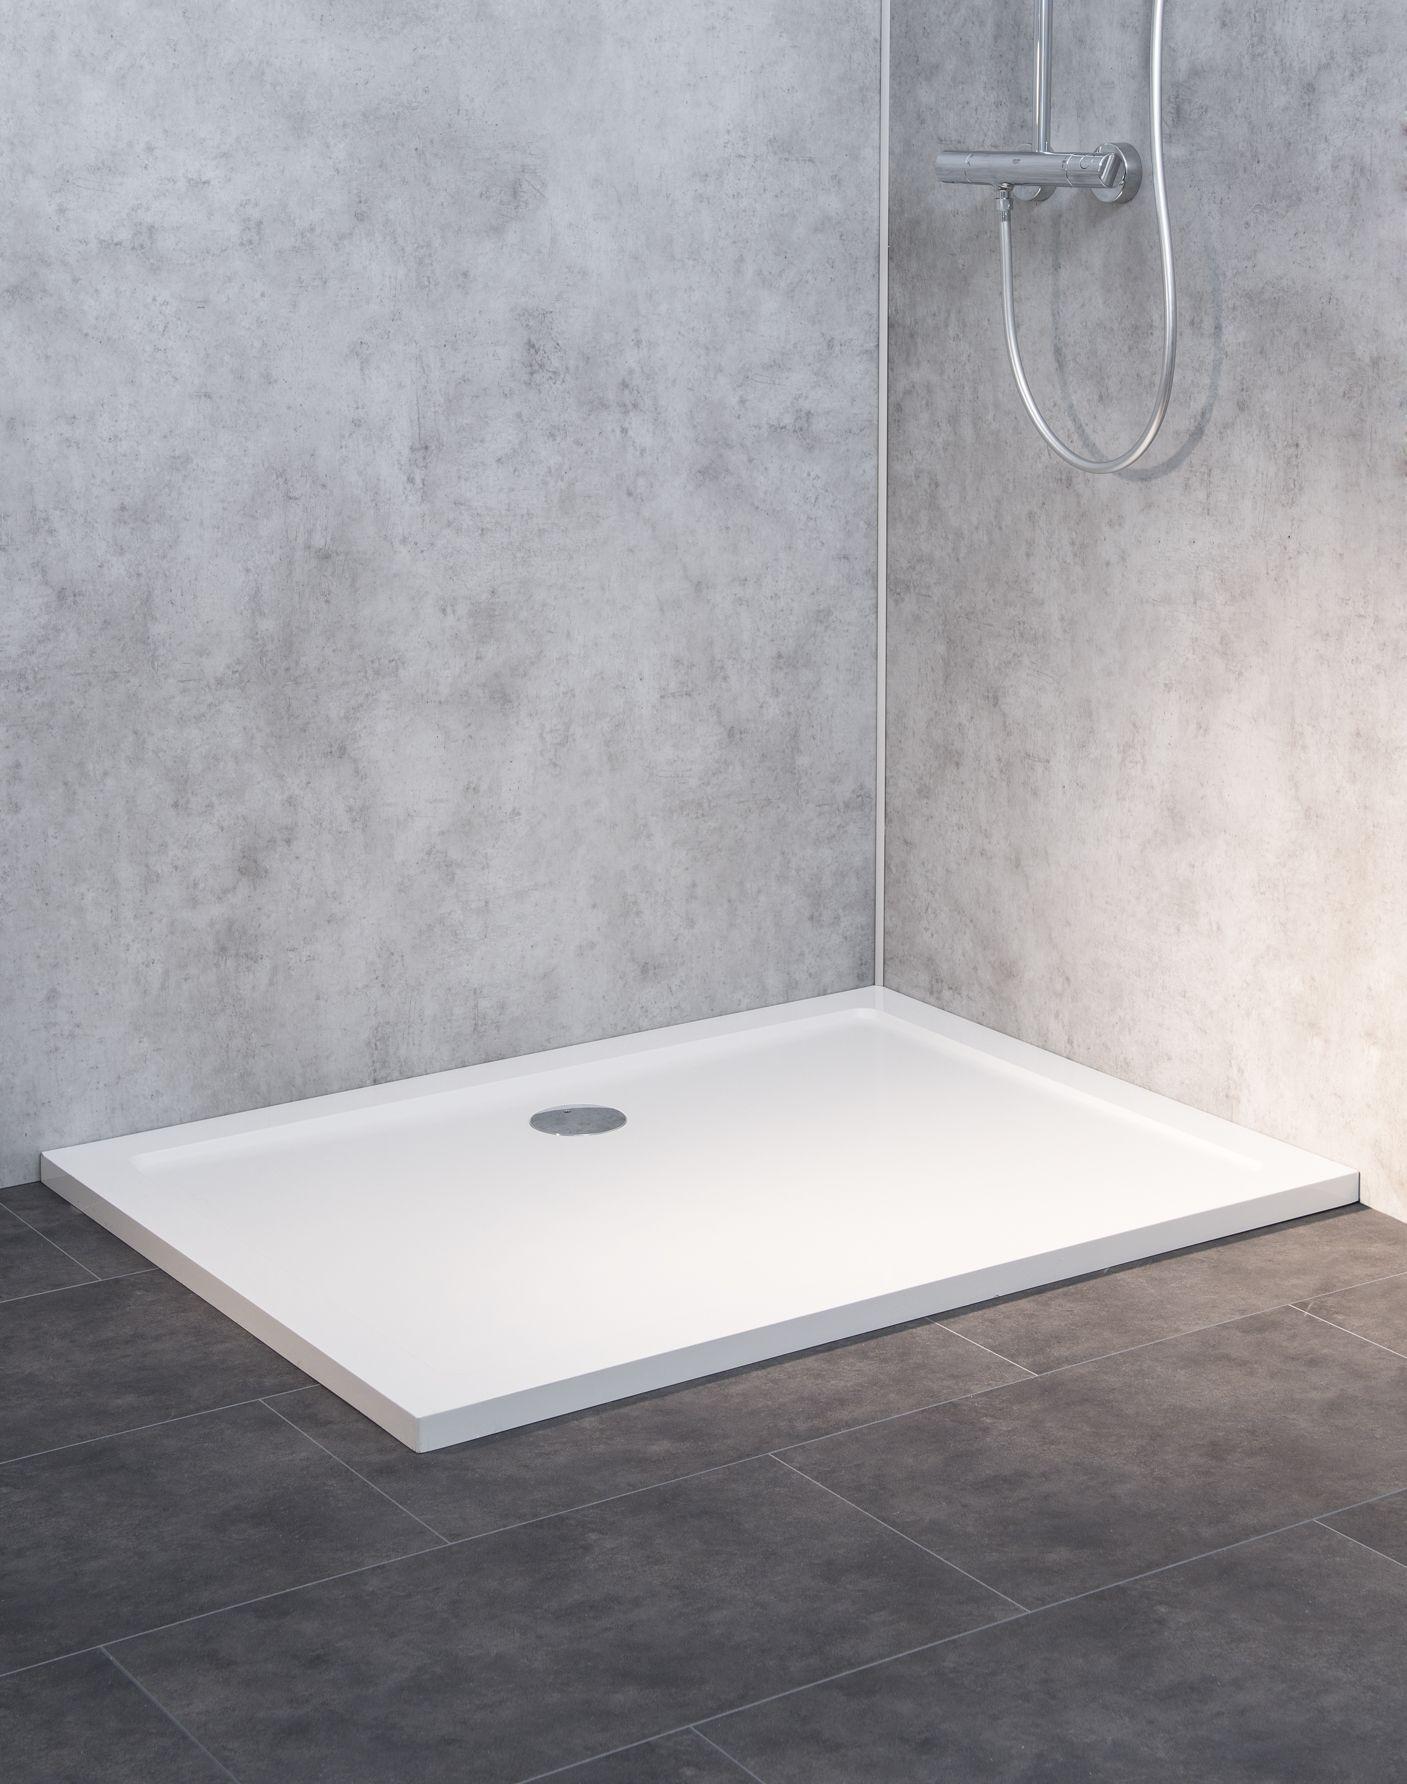 duschwanne duschtasse super flach 120x90cm h 3 5cm einbau auch bodengleich mineral colorat. Black Bedroom Furniture Sets. Home Design Ideas